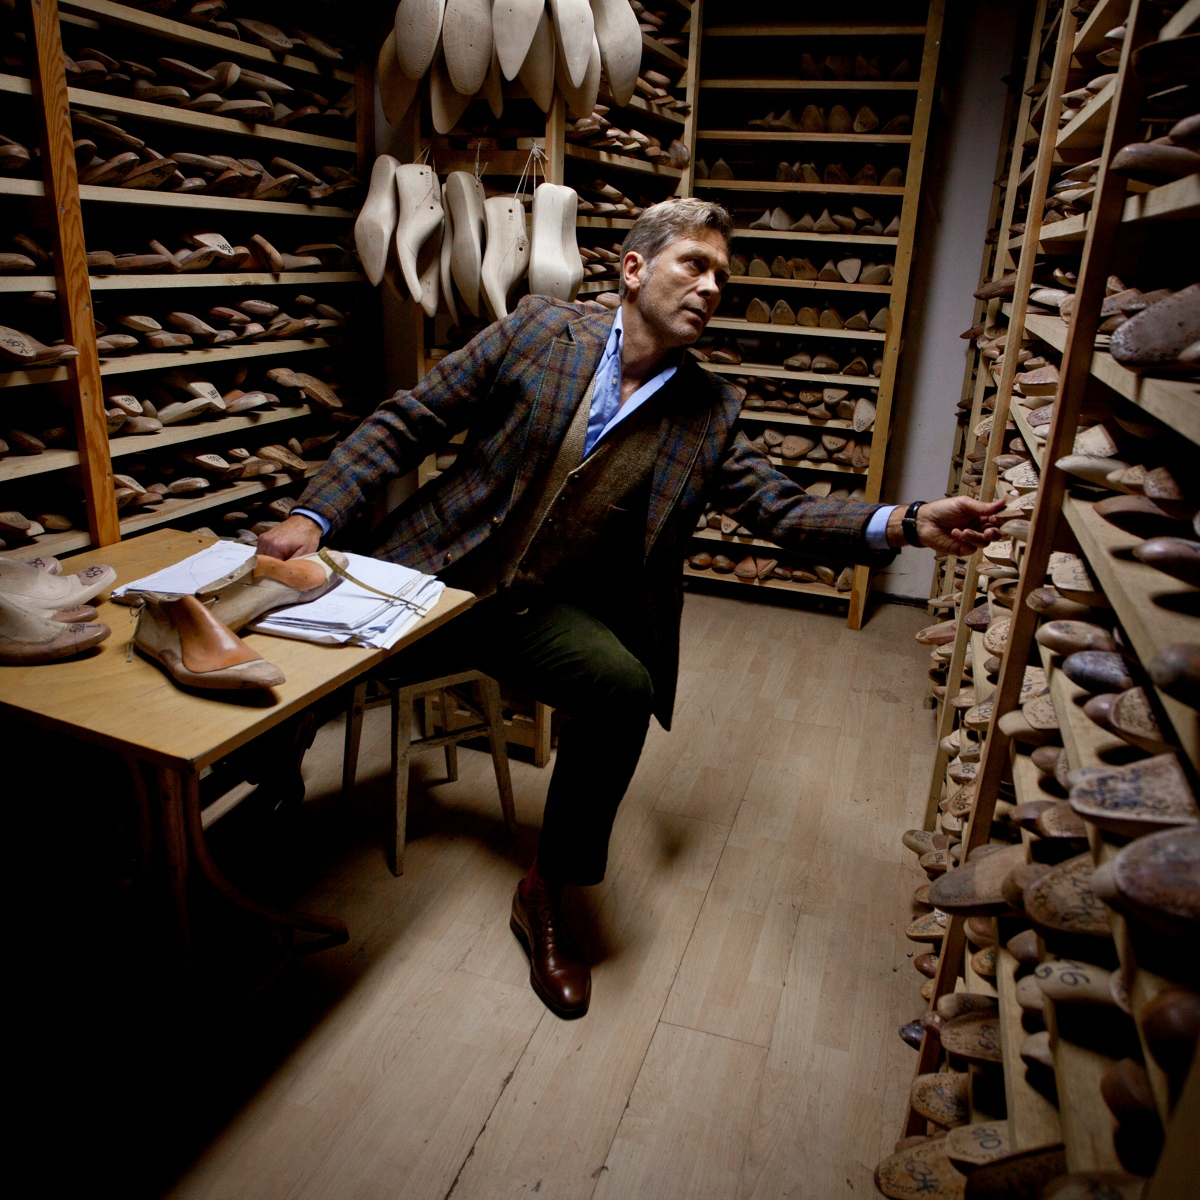 Shoemaker Jan Kielman. Warsaw